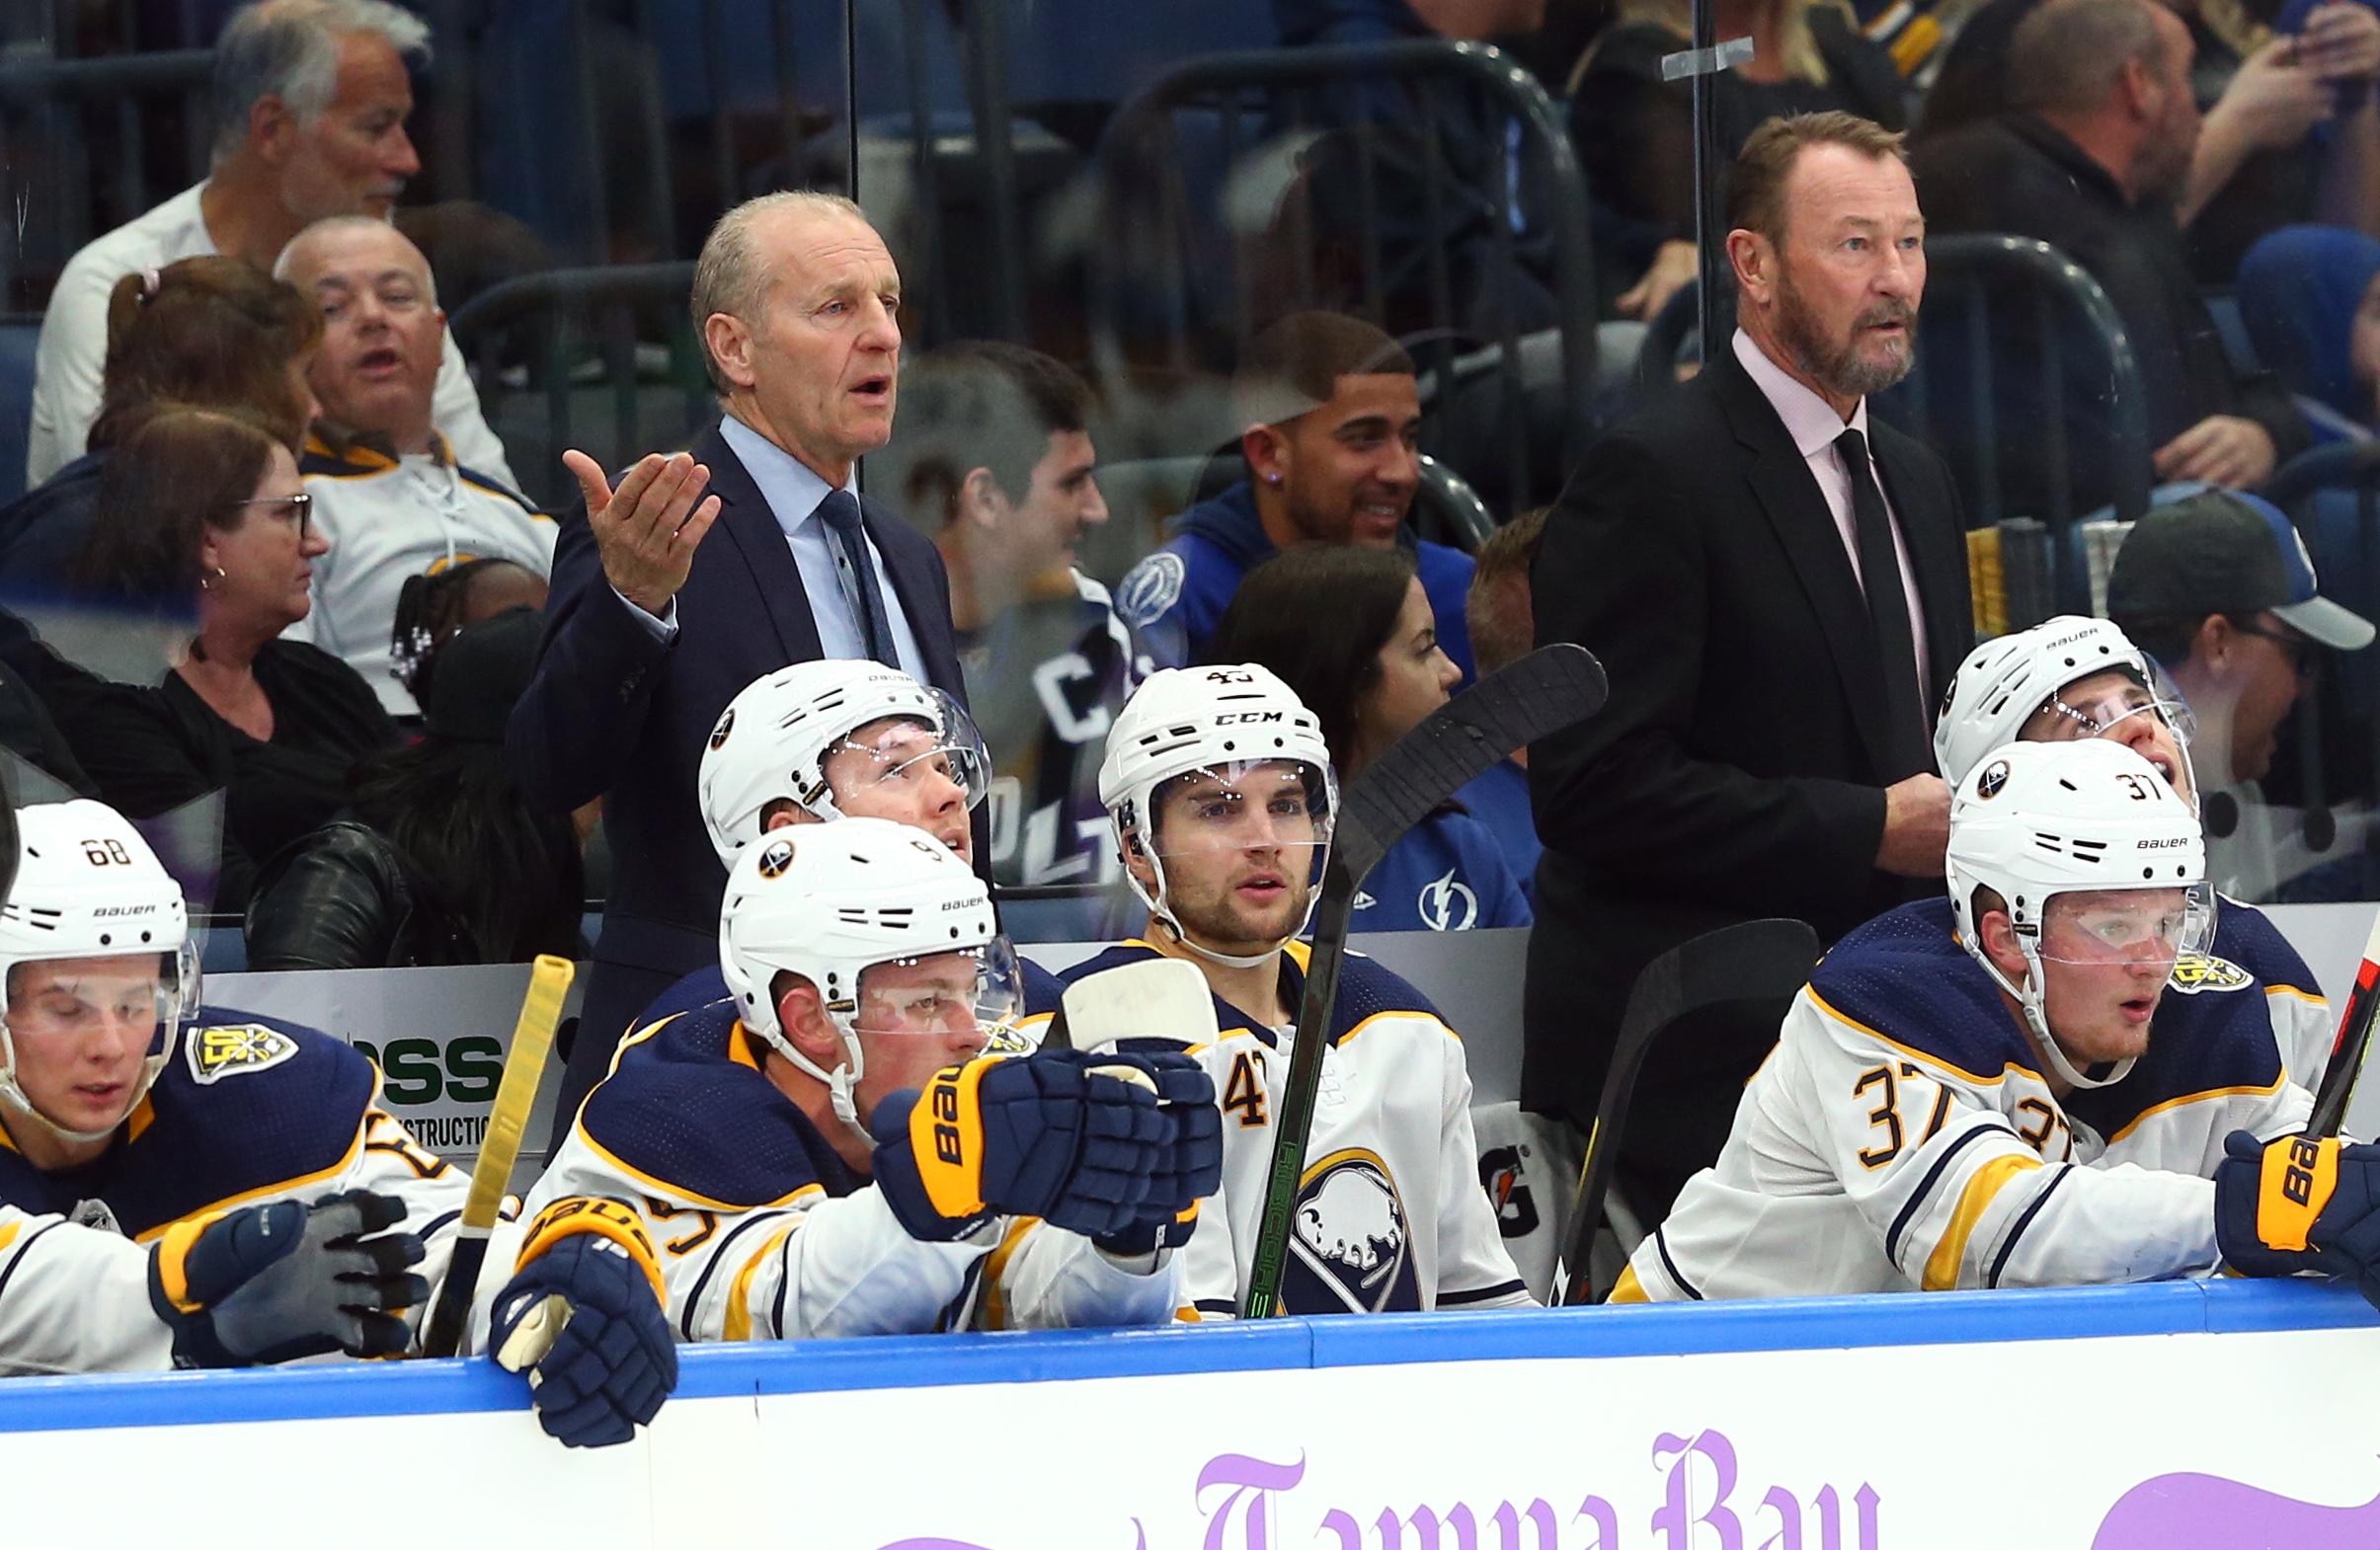 NHL: Buffalo Sabres at Tampa Bay Lightning